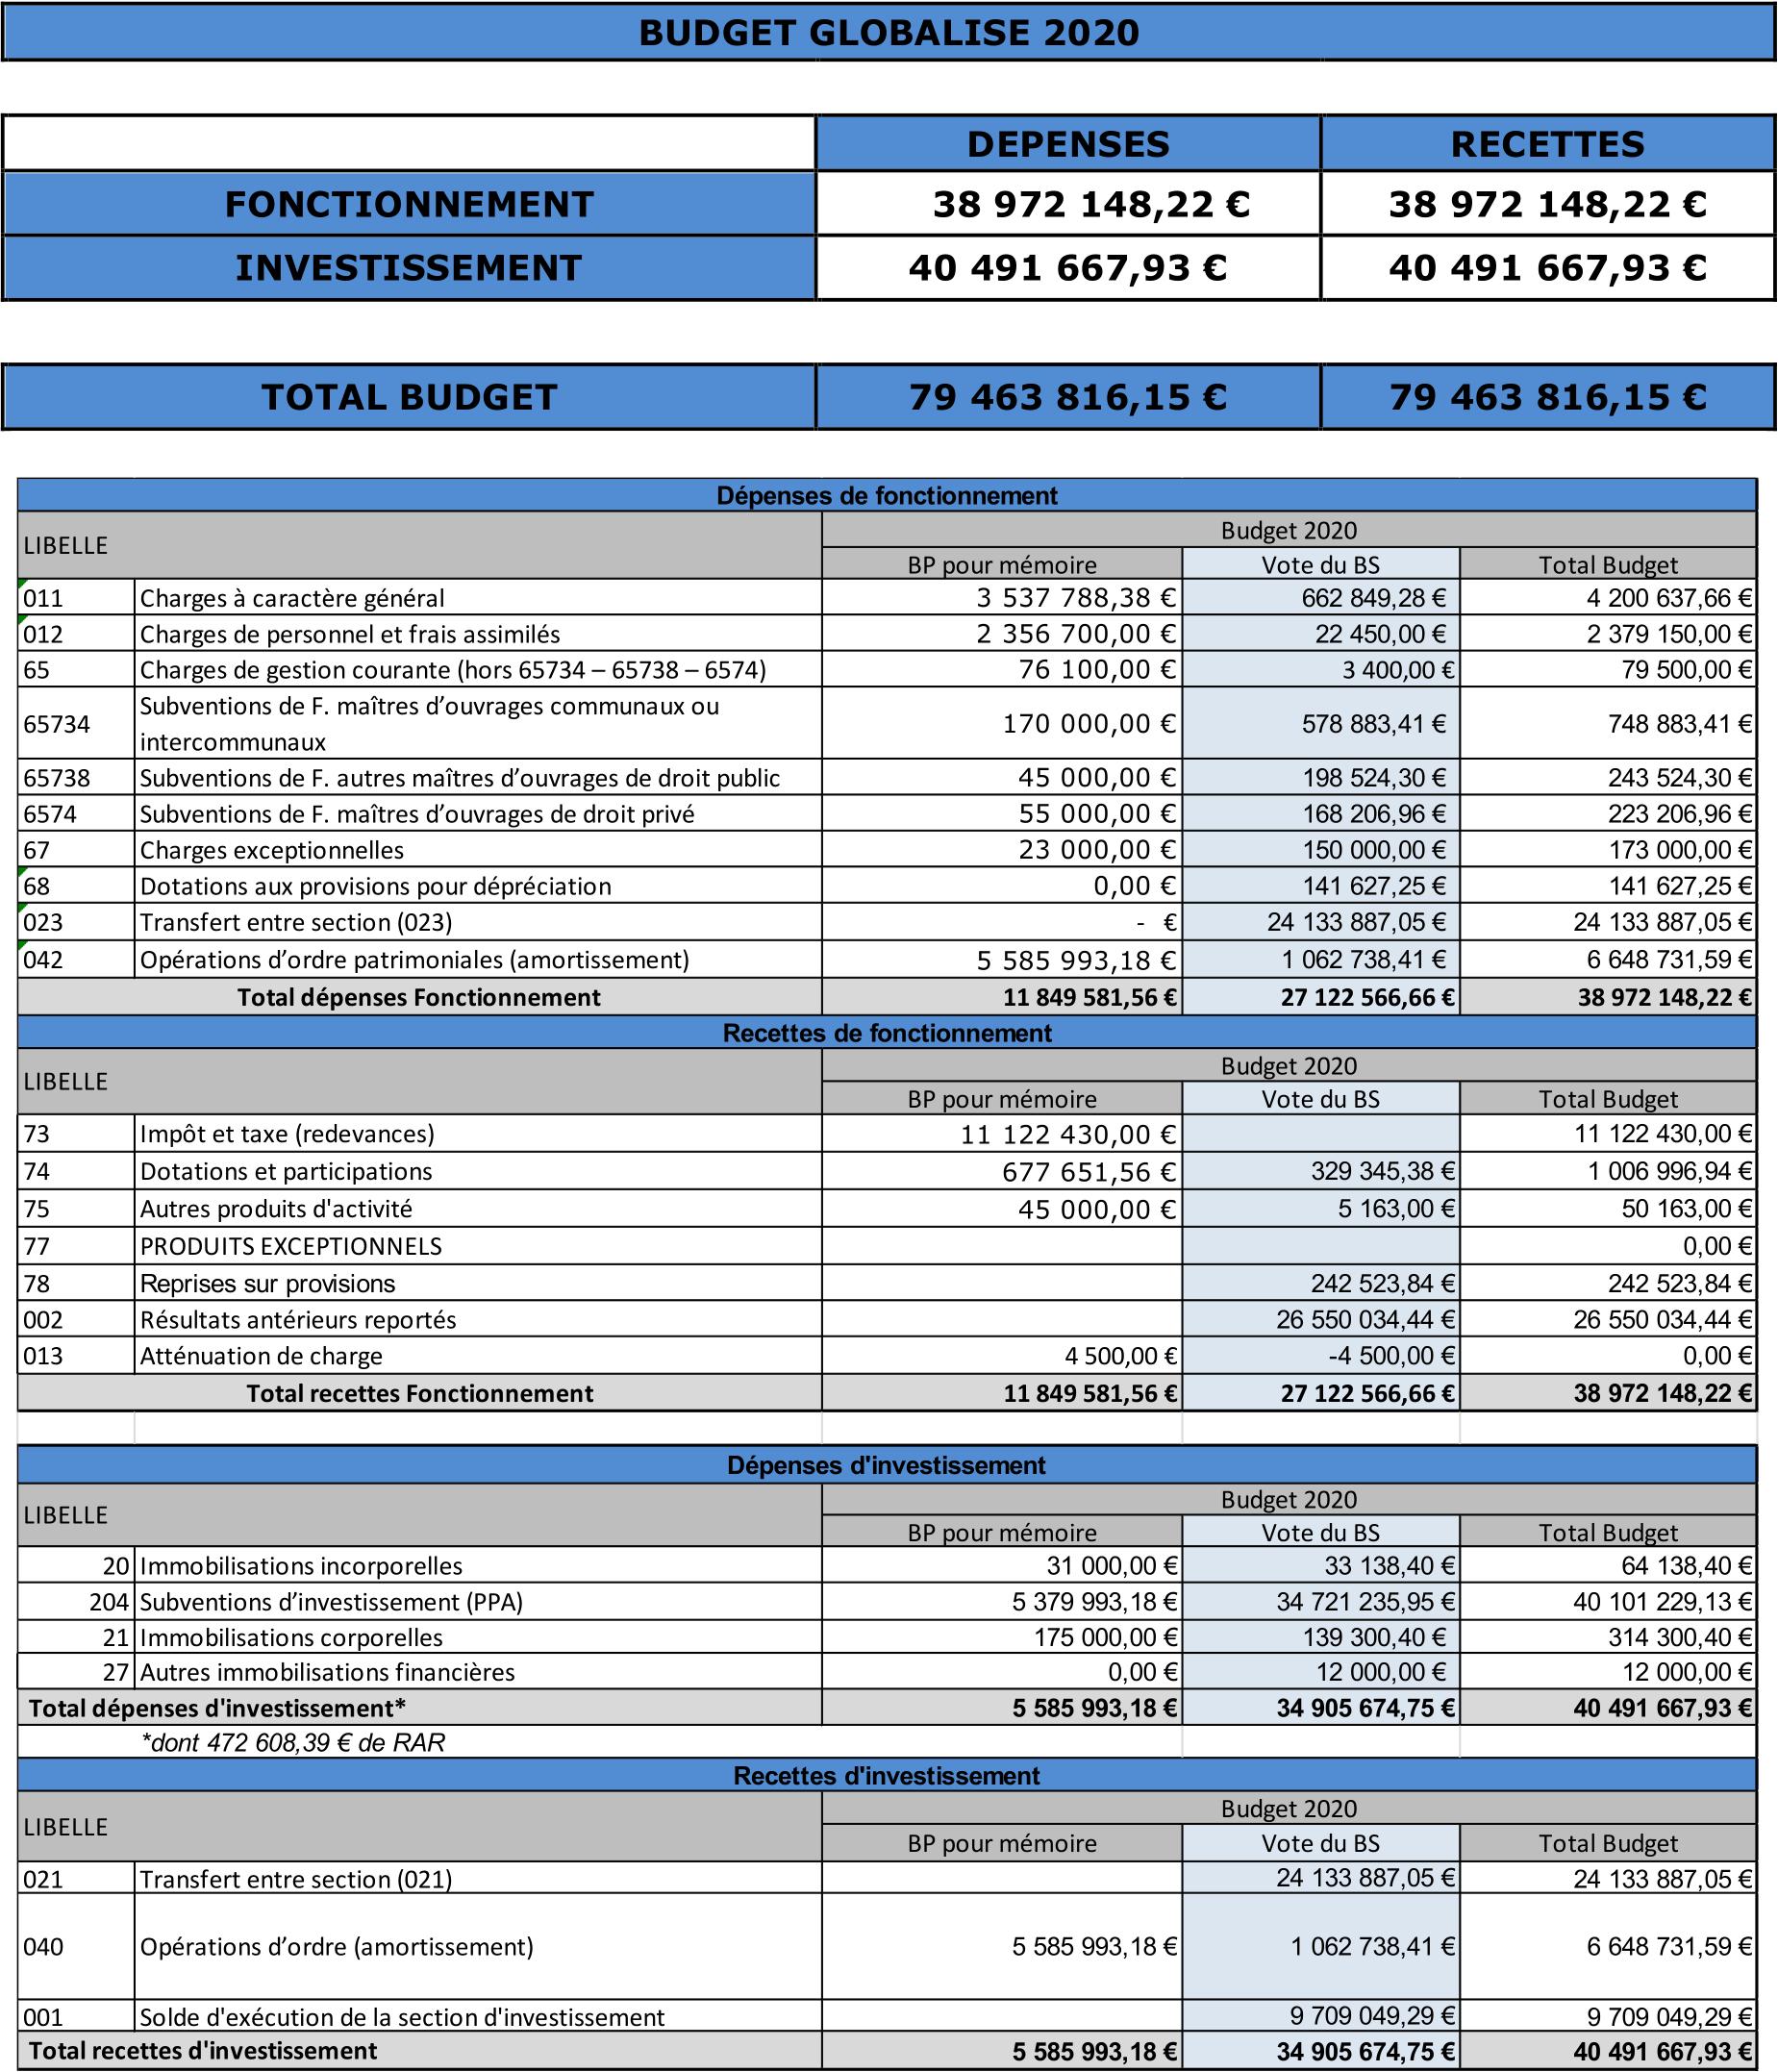 Budget globalisé 2020